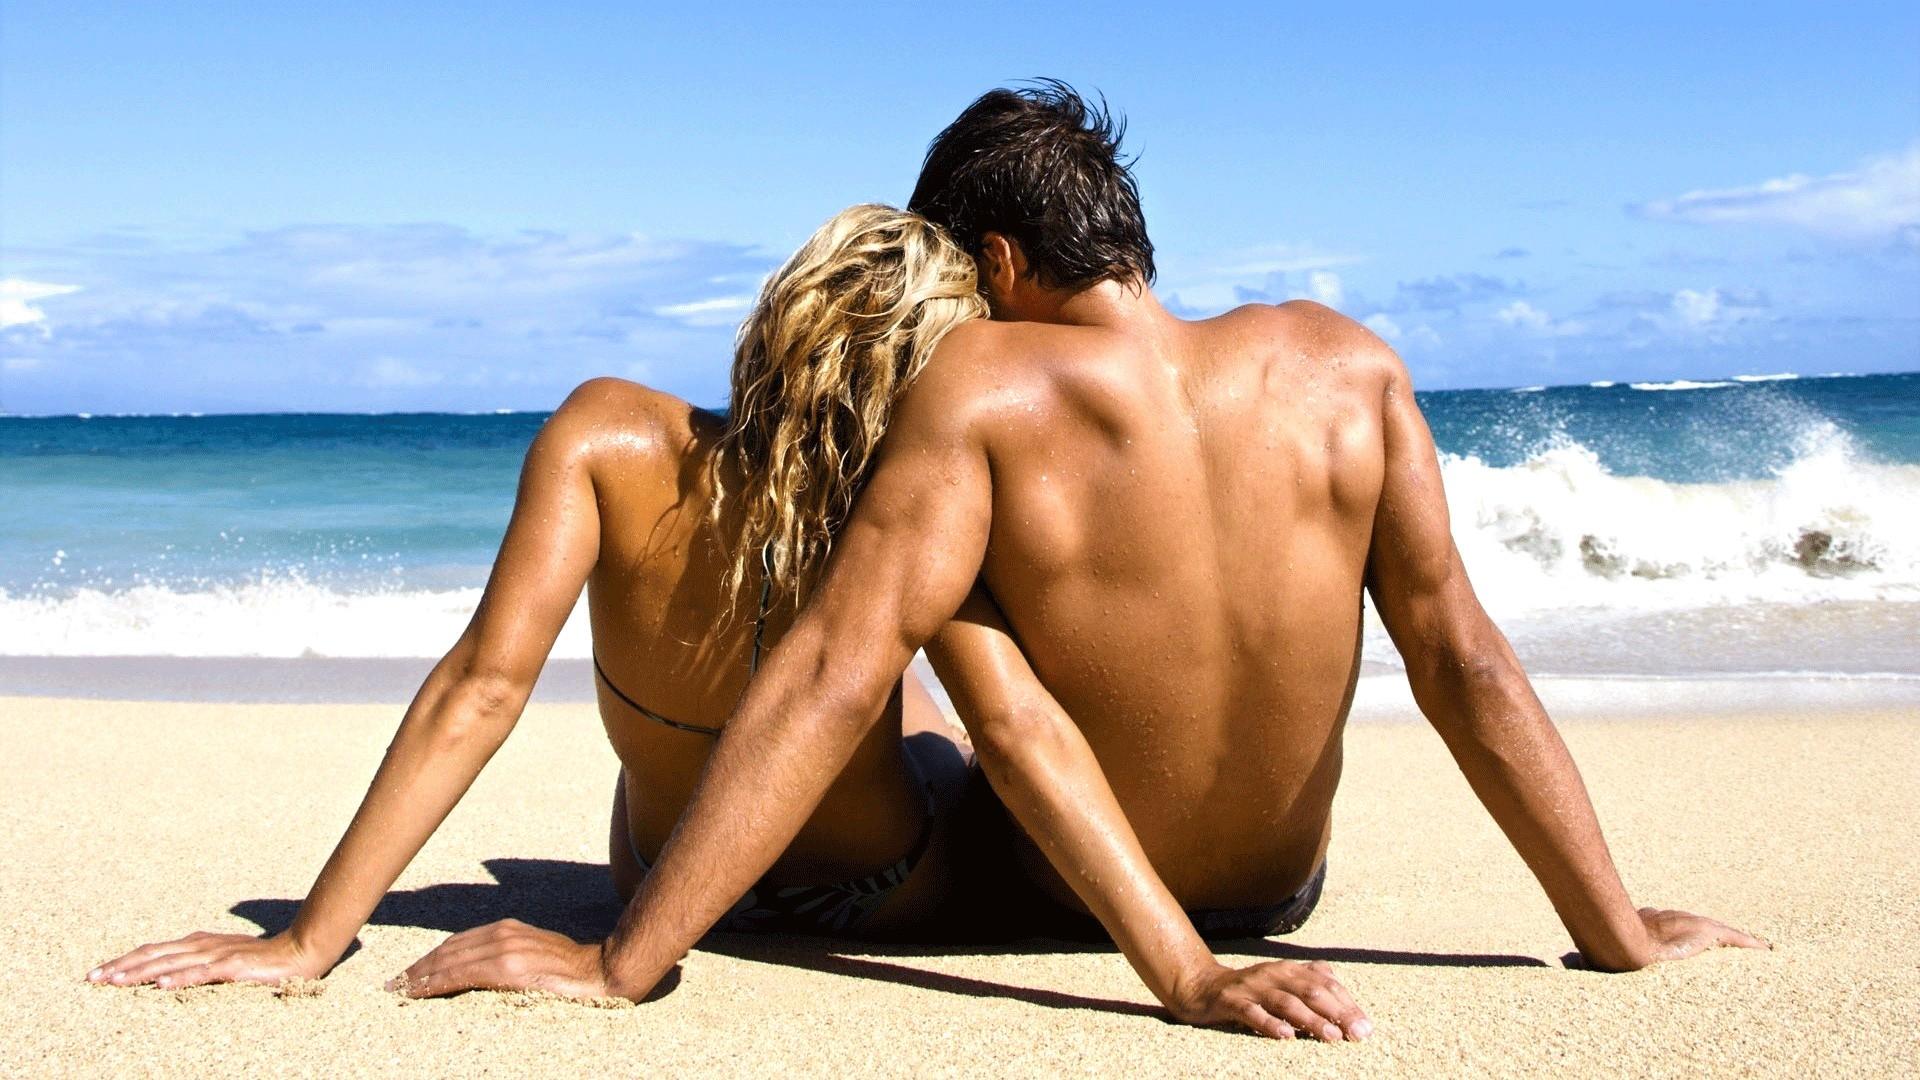 εφαρμογές σεξ που λειτουργούν όαση σχόλια Αυστραλία